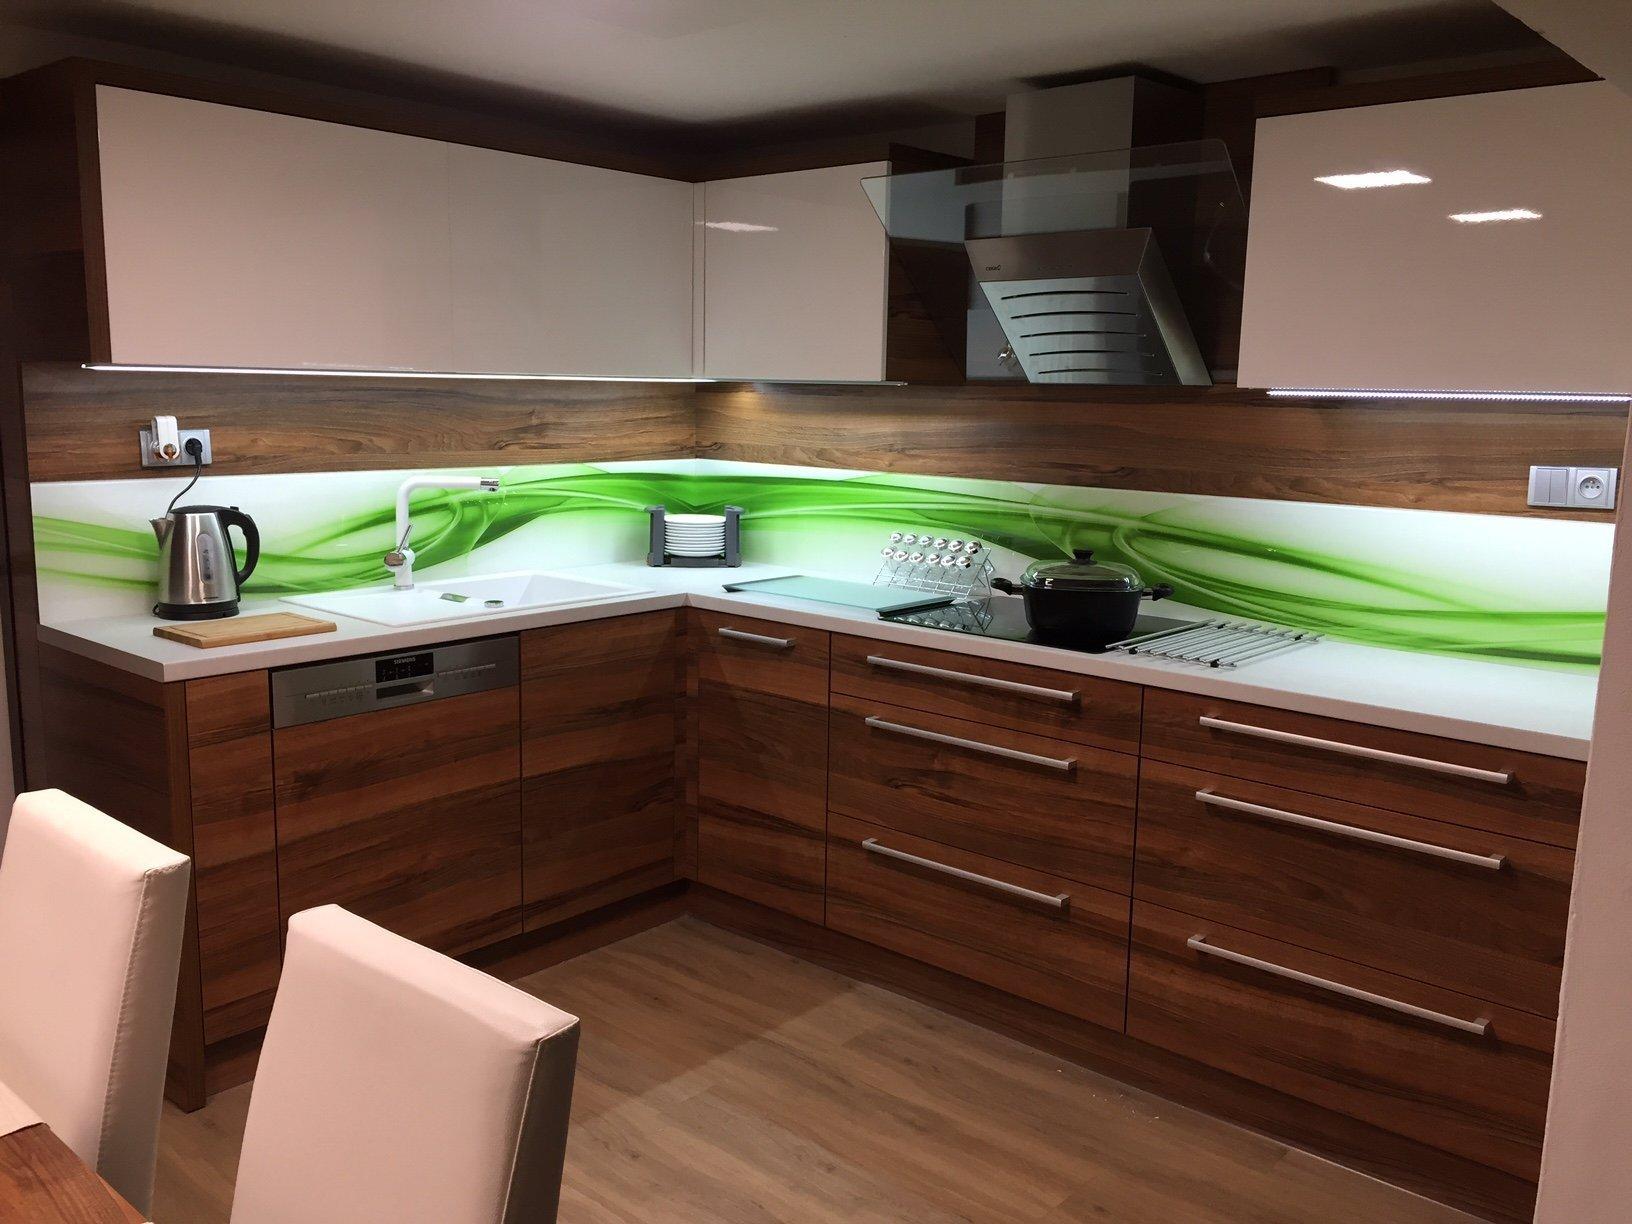 Kuchyňská linka v ořechovém provedení v kombinaci s vysokým bílým leskem doplněná o designové grafosklo s motivem zelené vlny. Místnost doplňuje jídelní stůl s…